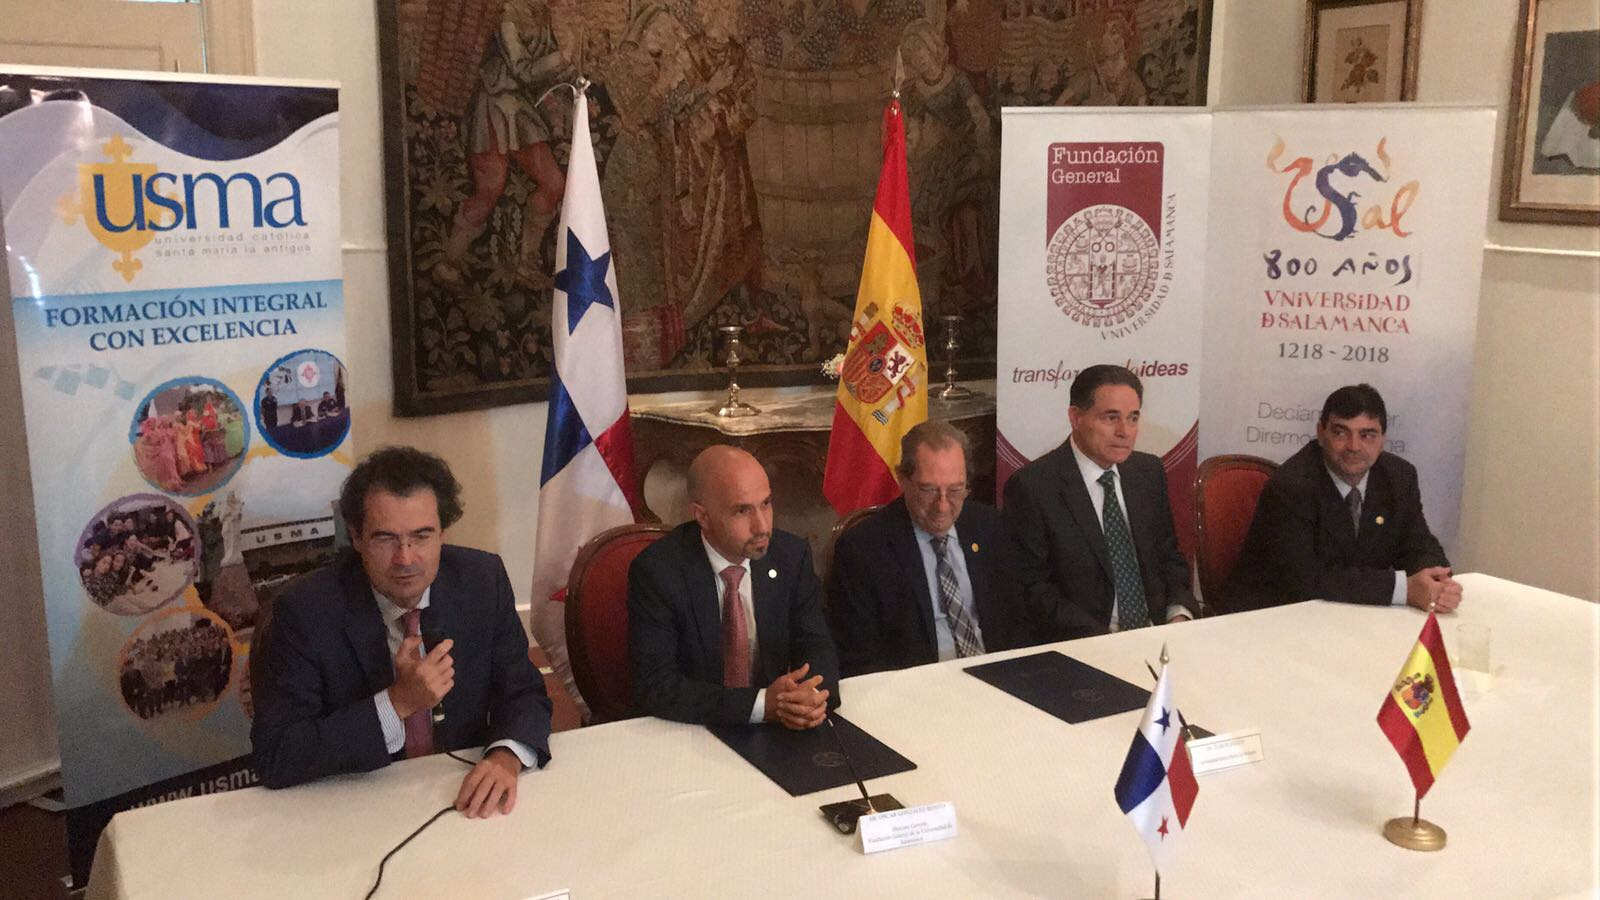 La Fundación General de la Universidad de Salamanca firma varios convenios de colaboración con instituciones gubernamentales panameñas